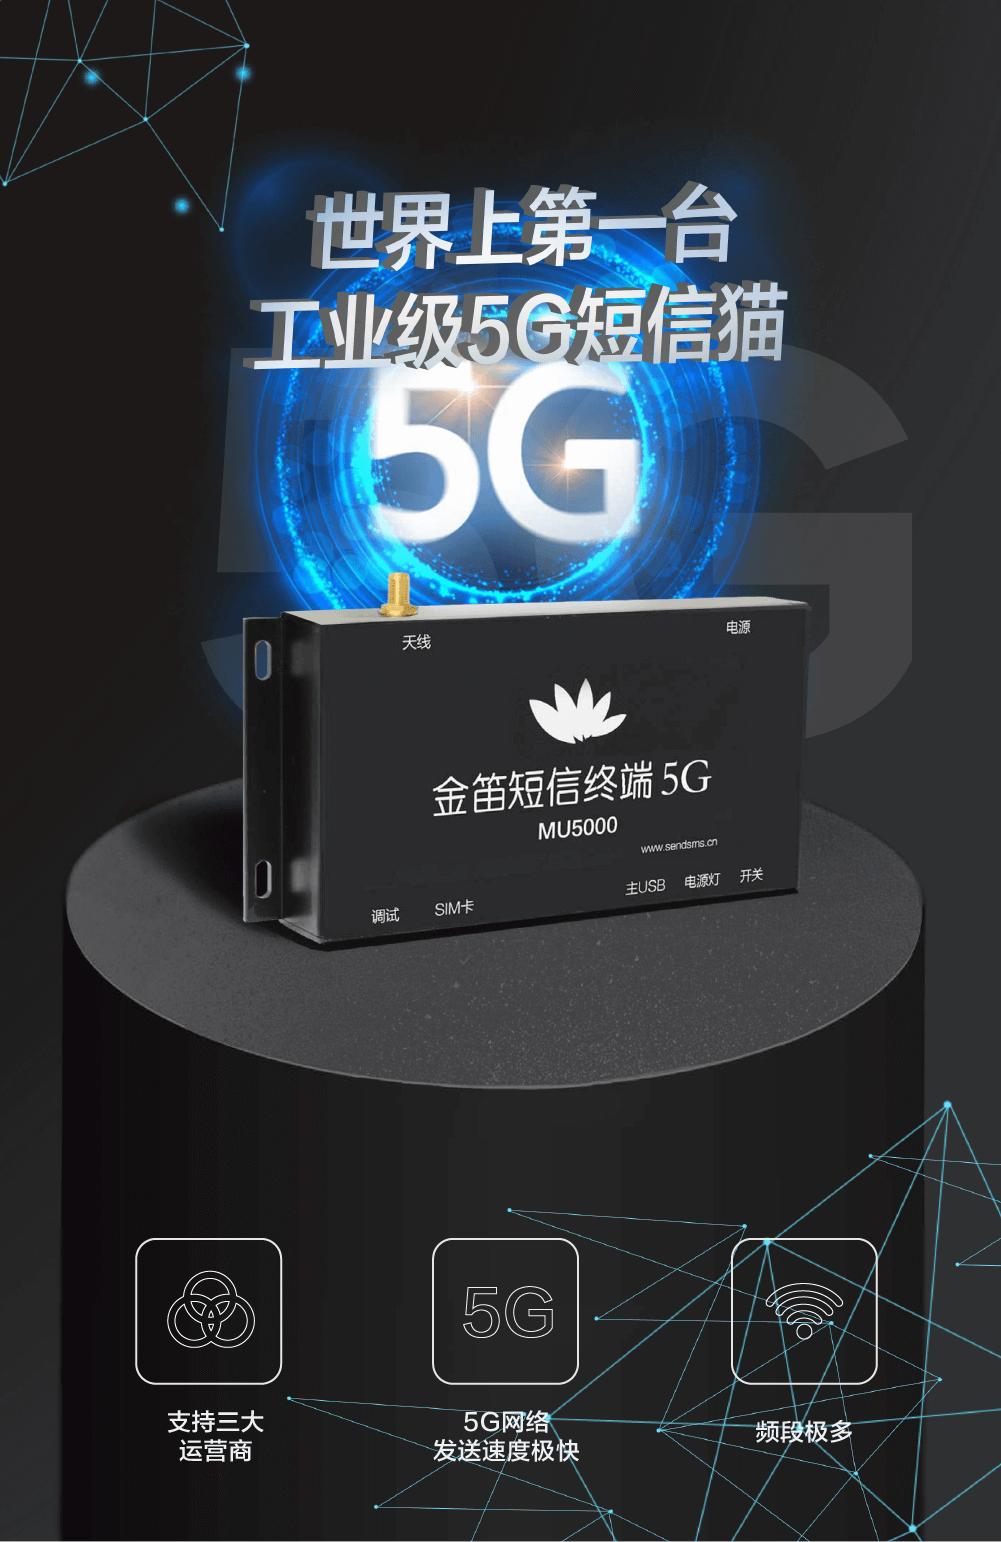 金笛5G短信终端MU5000